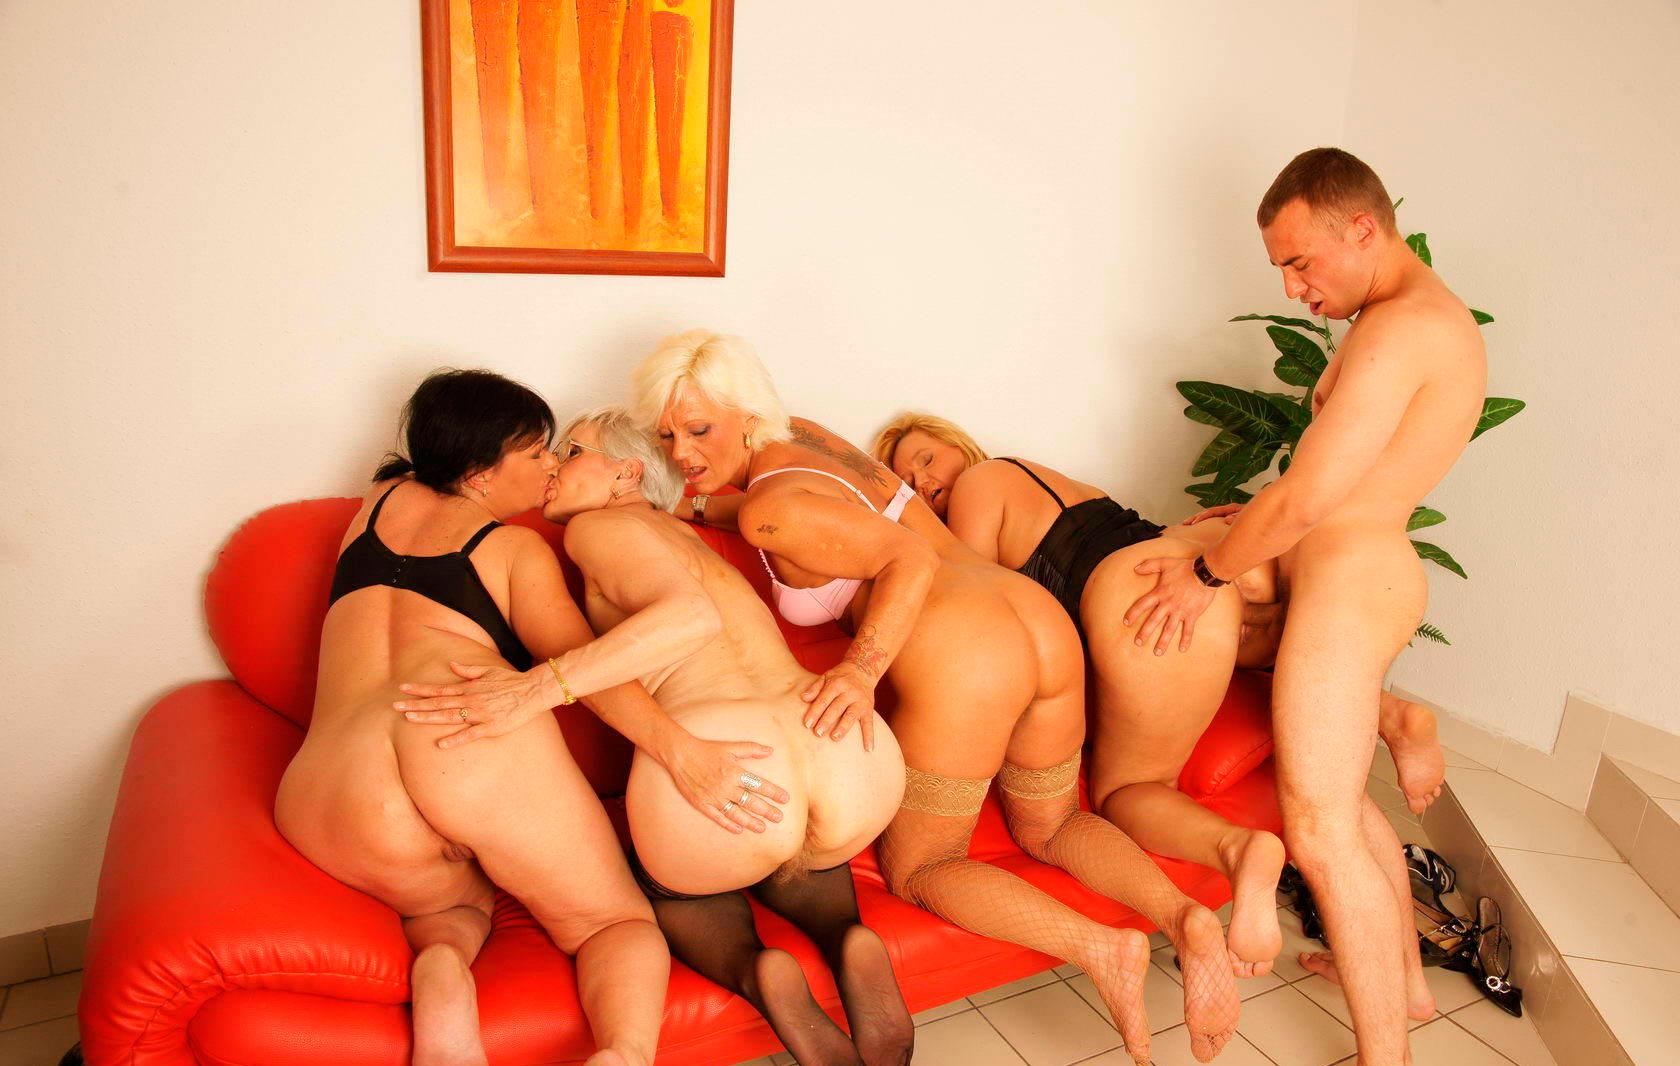 Фото сексуальные бдсм